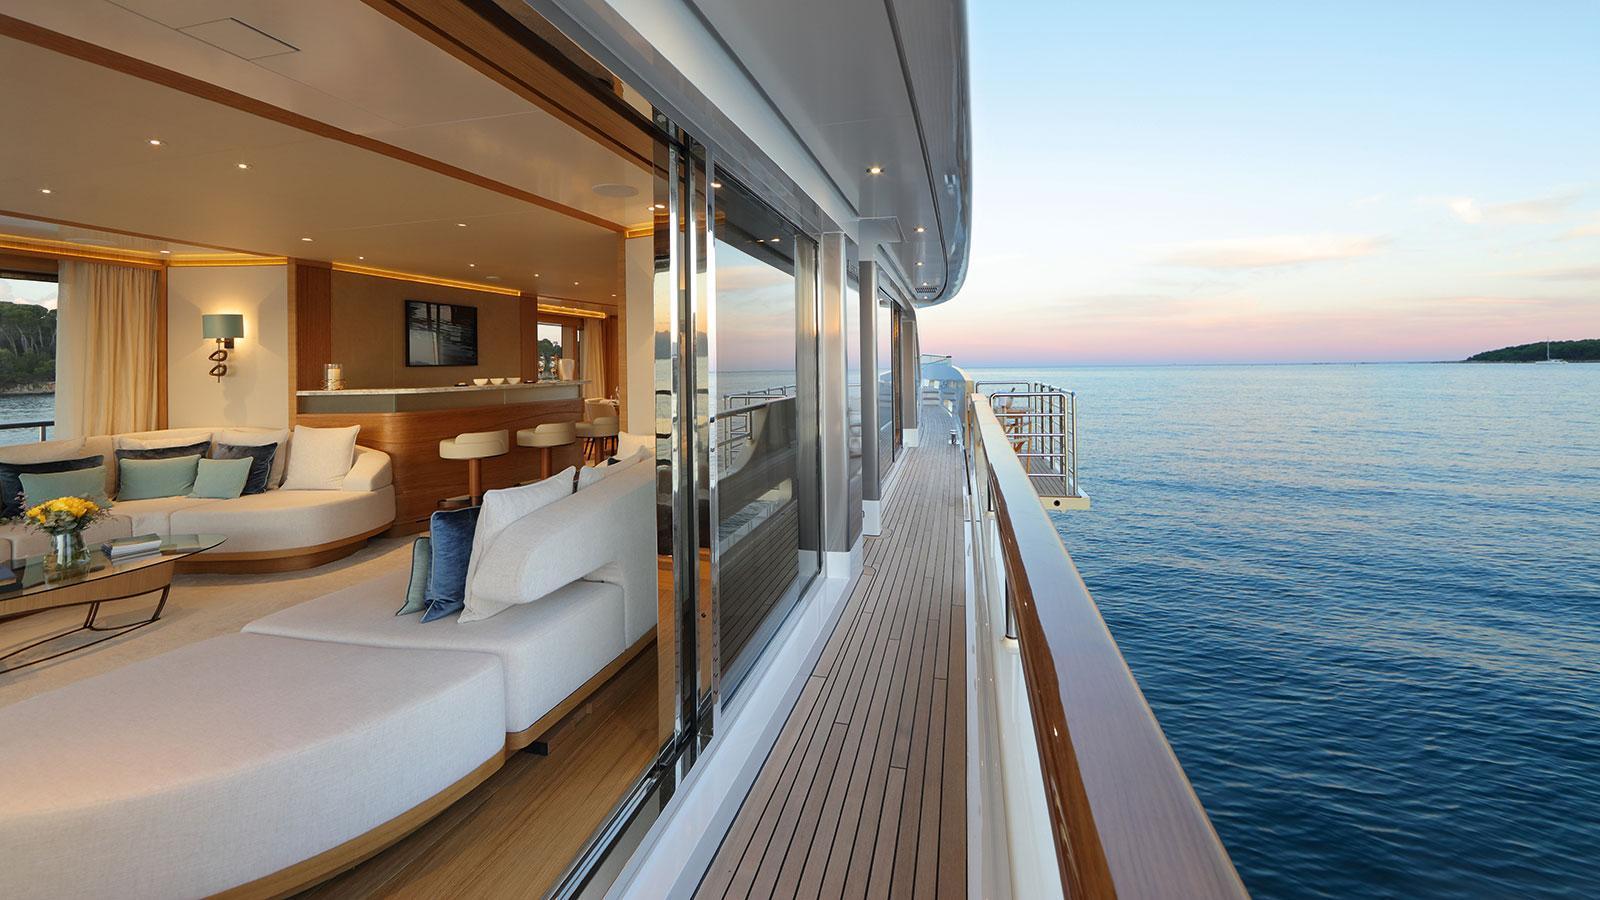 solis-motor-yacht-mulder-2015-34m-side-deck